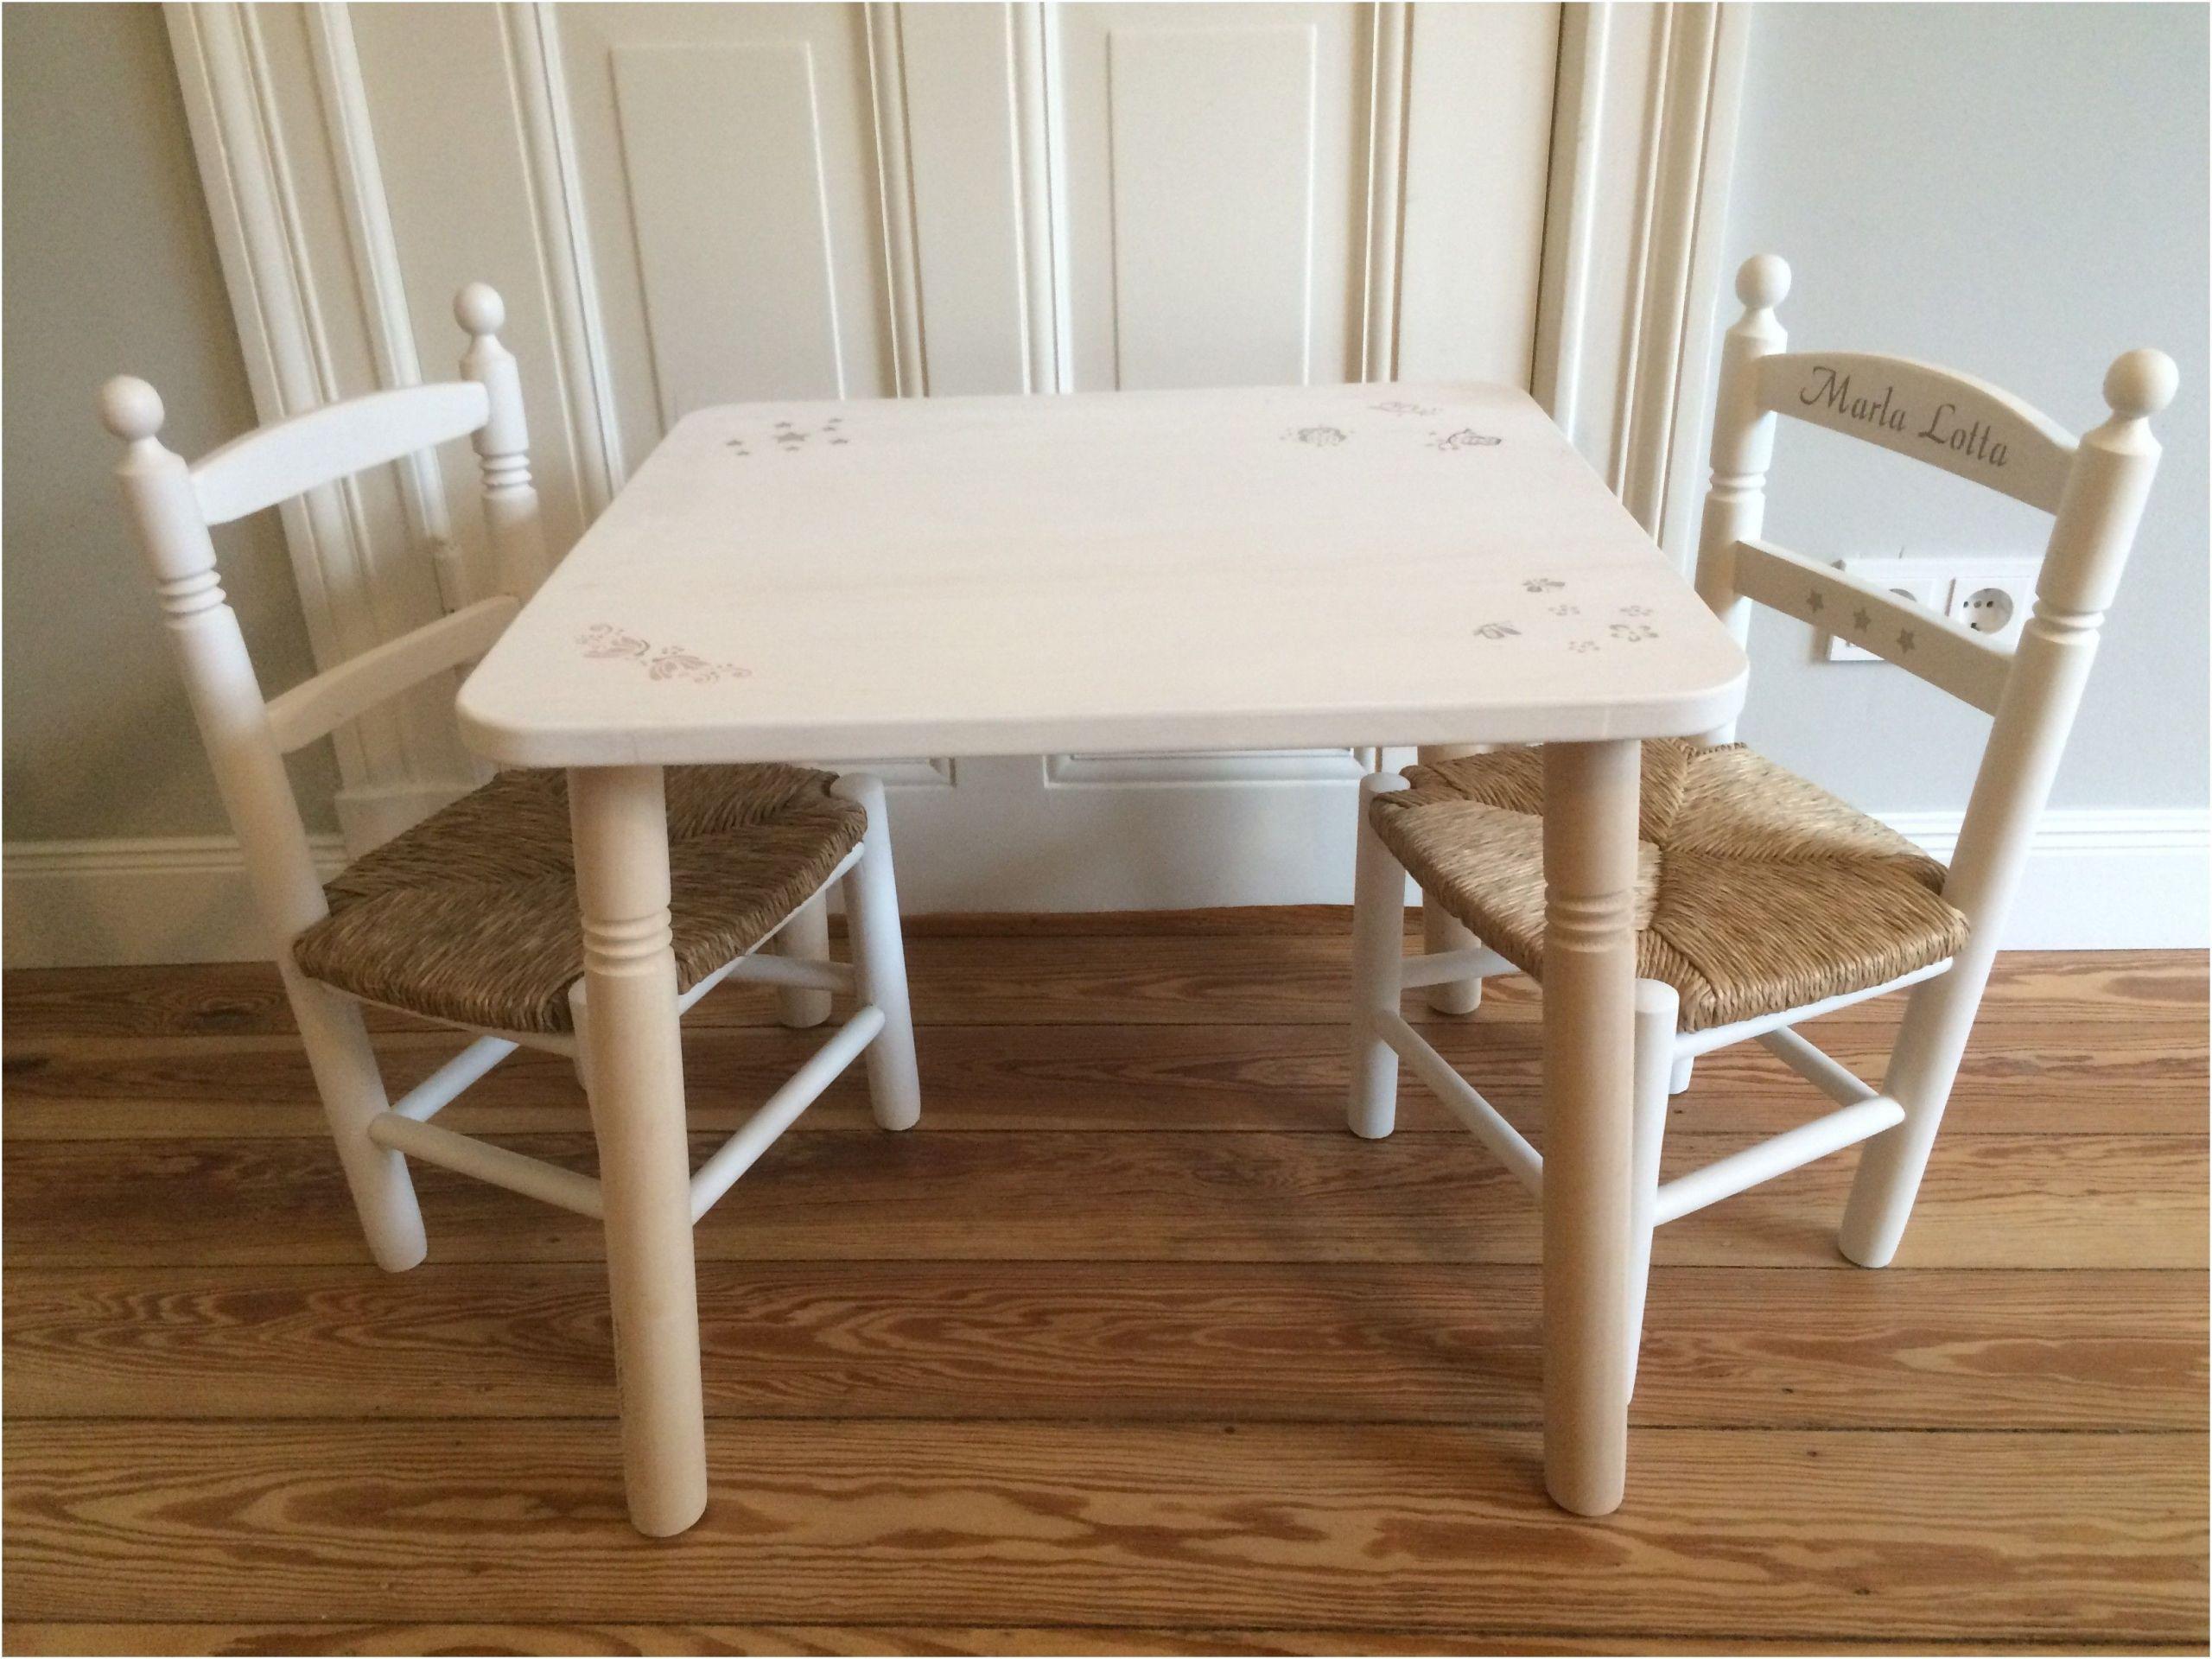 Full Size of Kleiner Tisch Ikea Modulküche Betten Bei Küche Kosten Kaufen Sofa Mit Schlaffunktion 160x200 Miniküche Wohnzimmer Ikea Küchentheke